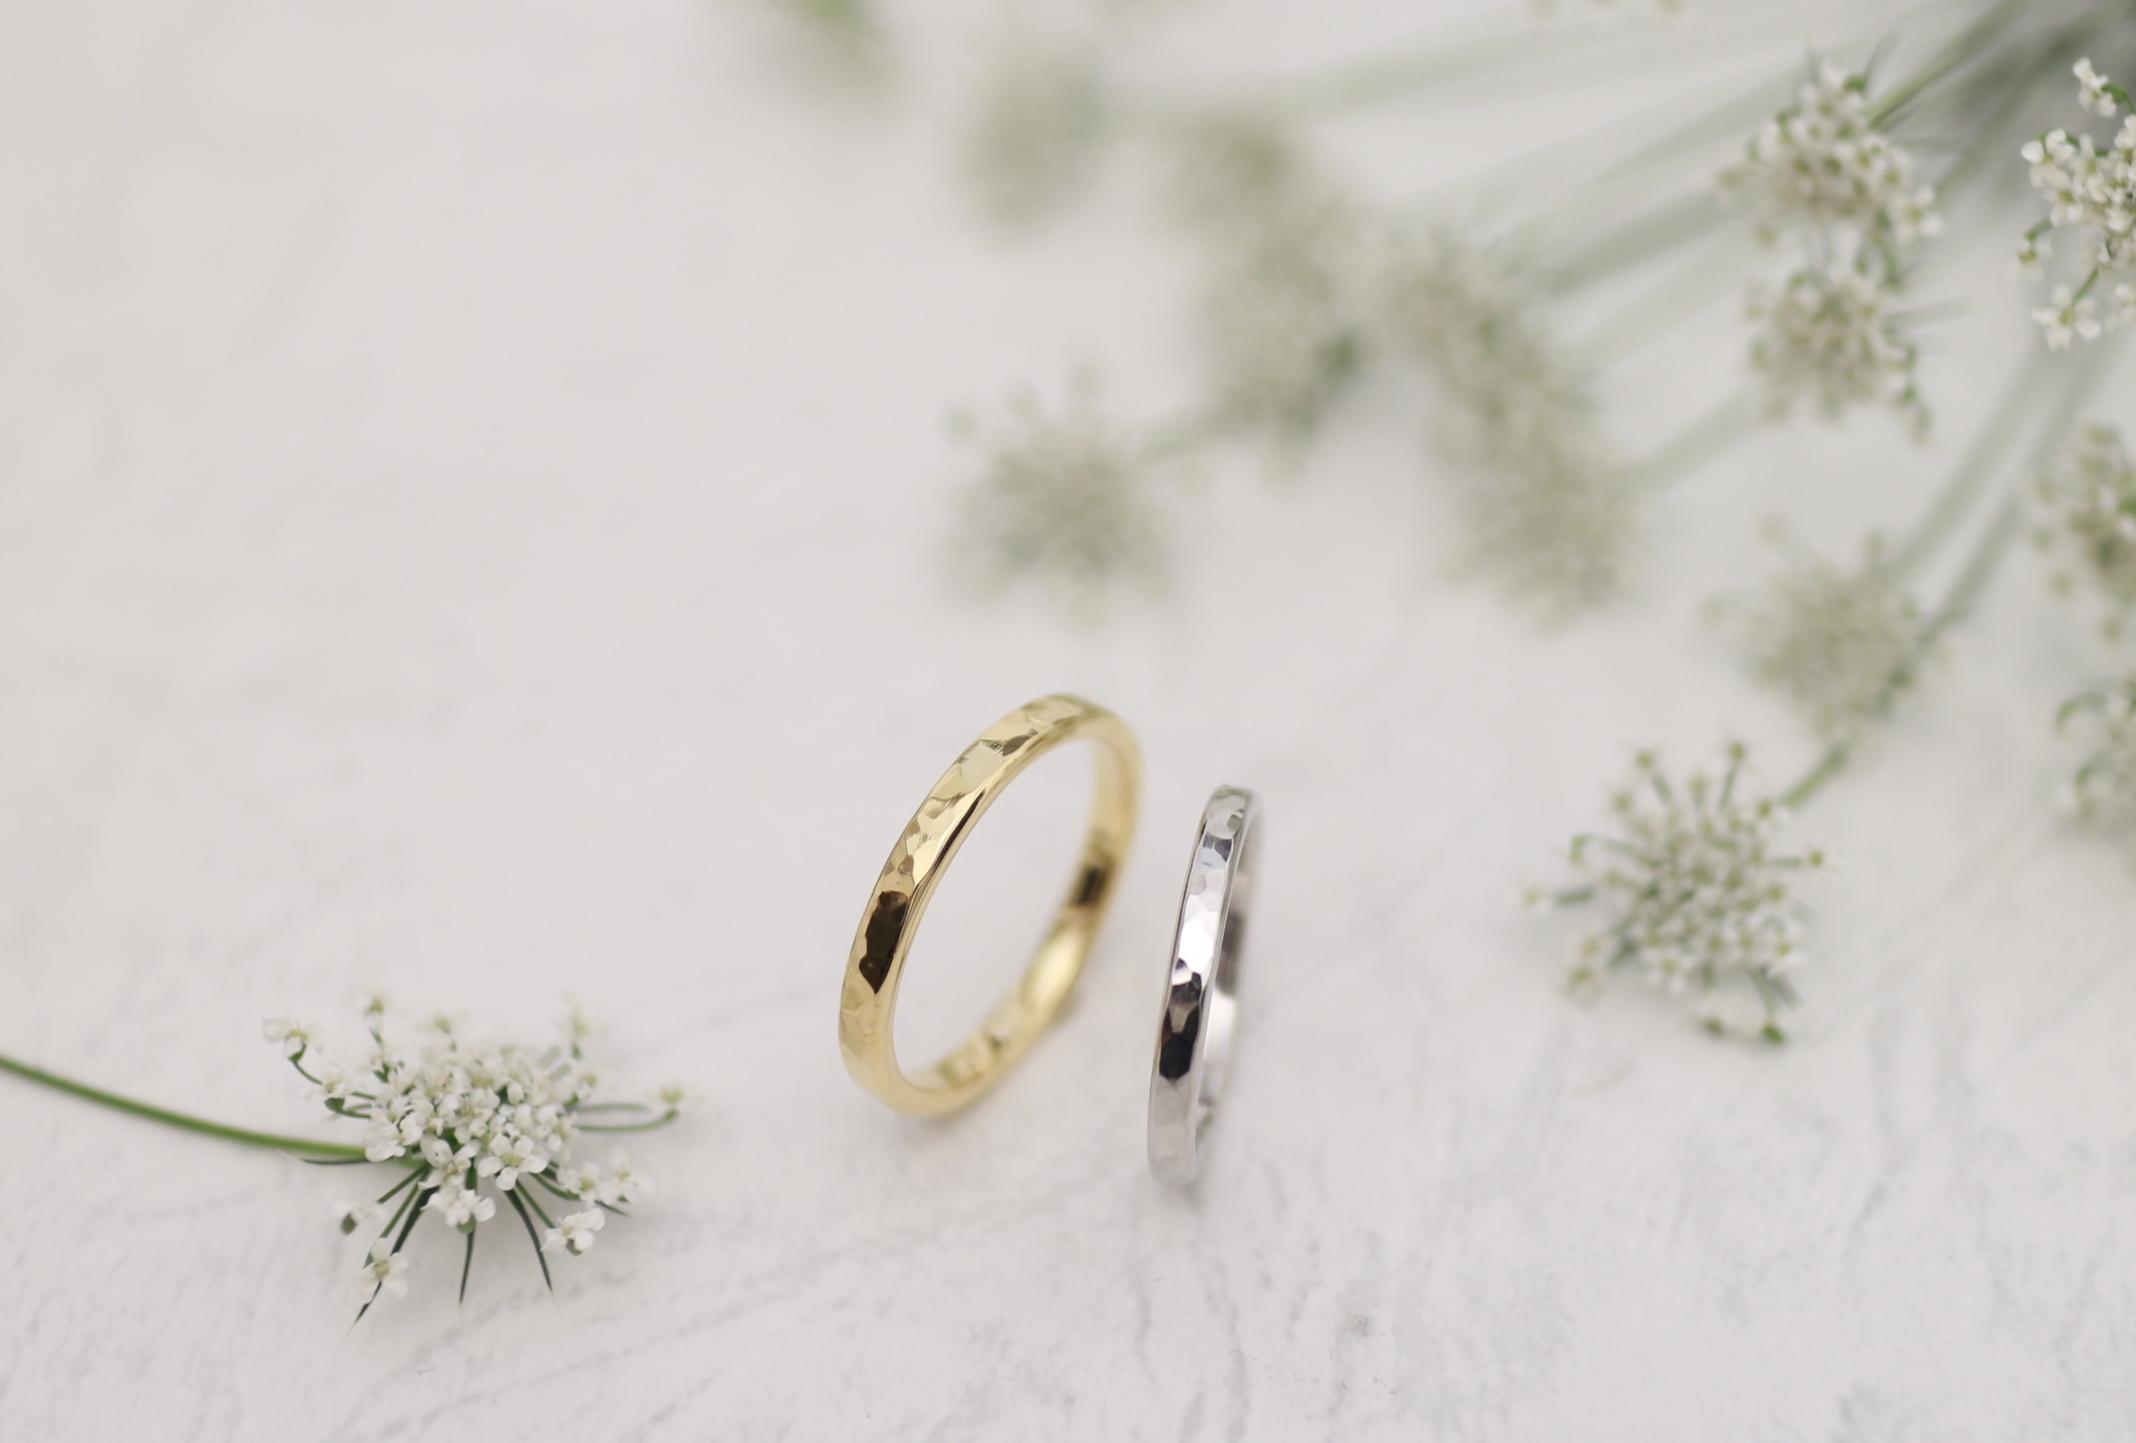 サイズぴったりに調整した手作り結婚指輪